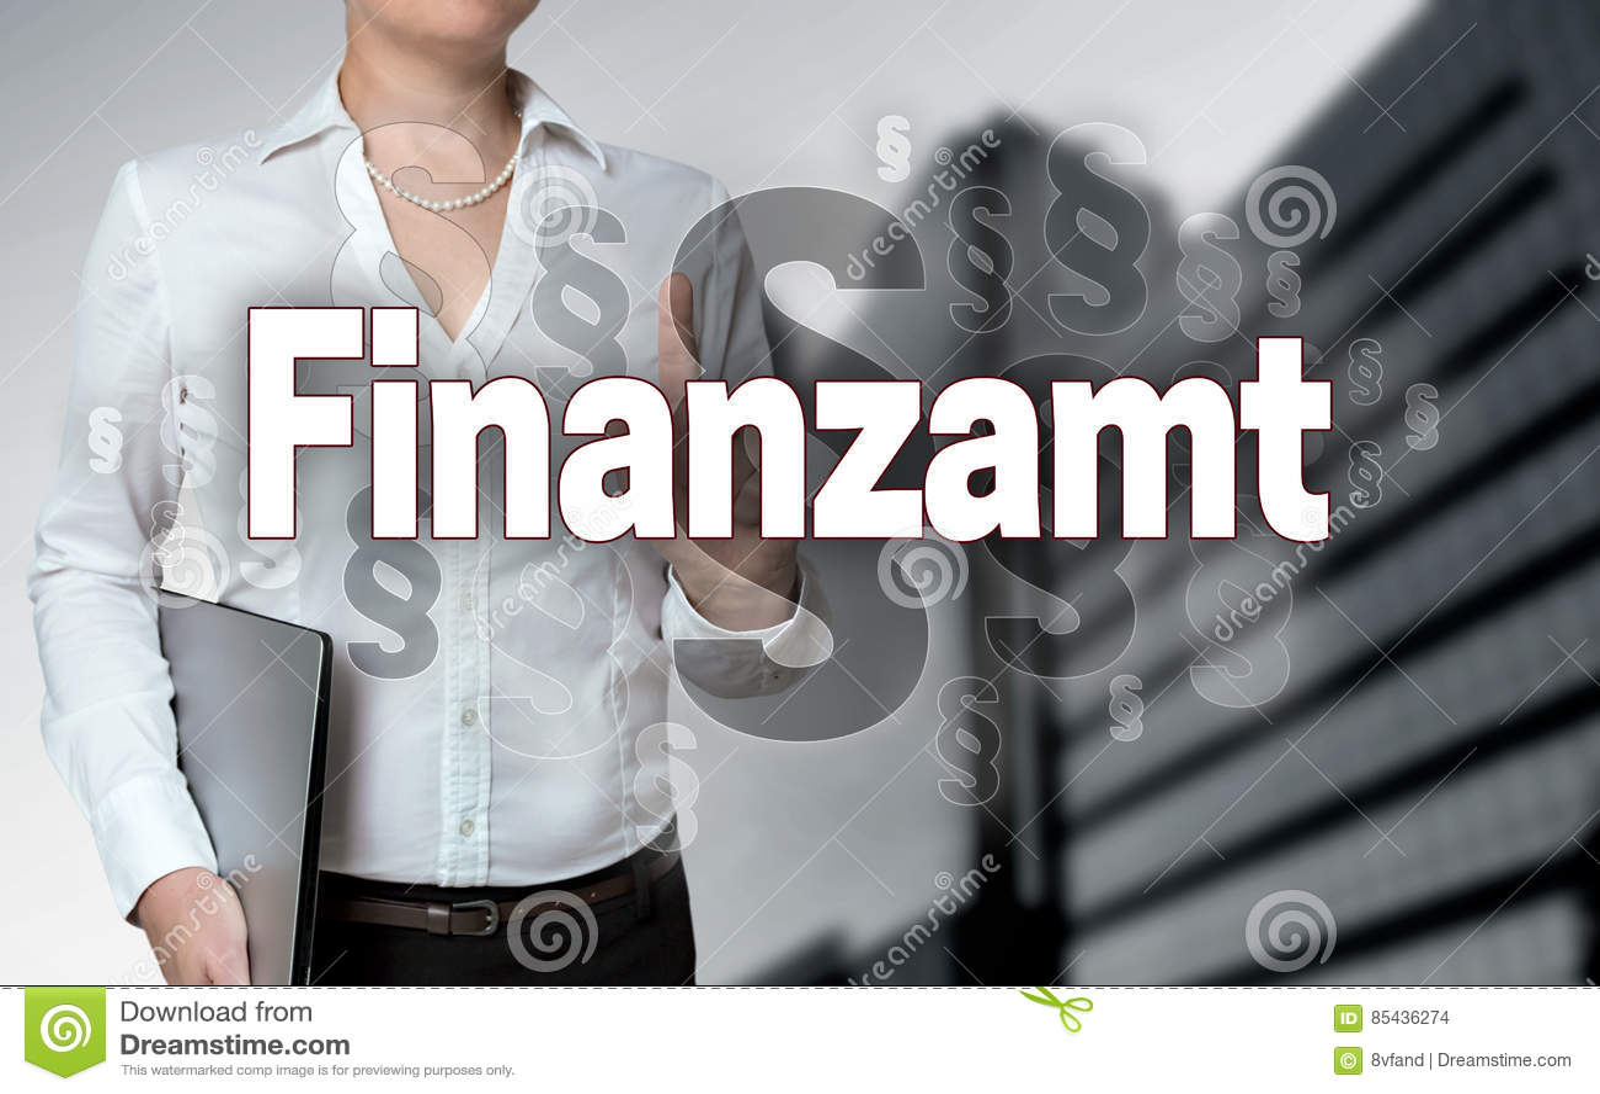 Finanzamt no écran sensível financeiro alemão da autoridade é opera-se